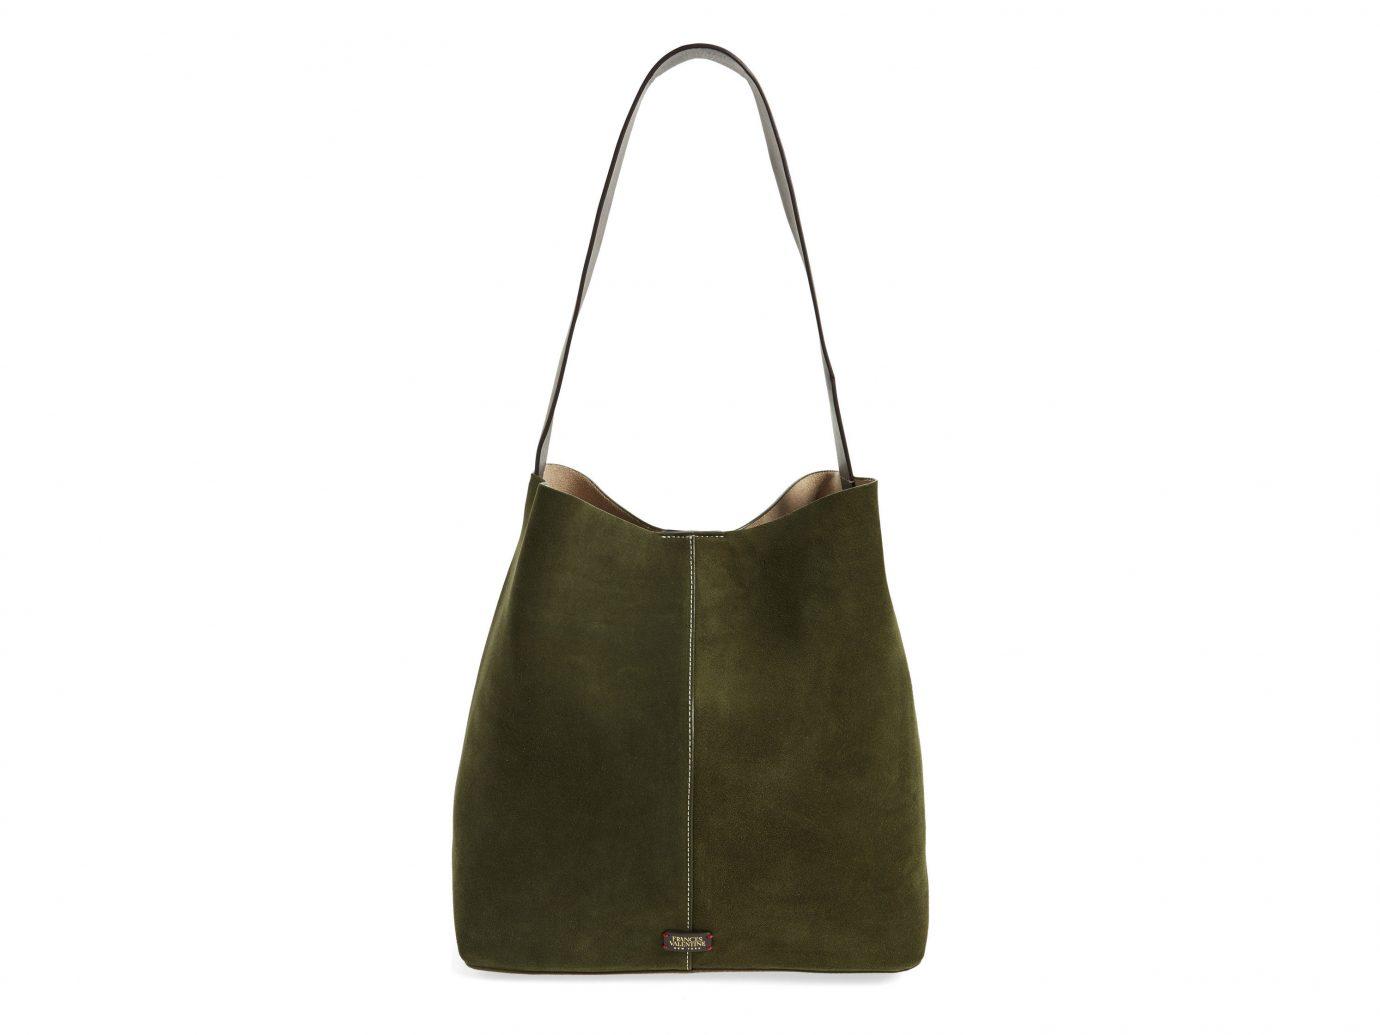 bde0624a9f7e Packing Tips Style + Design Travel Shop Weekend Getaways bag handbag shoulder  bag brown leather pocket